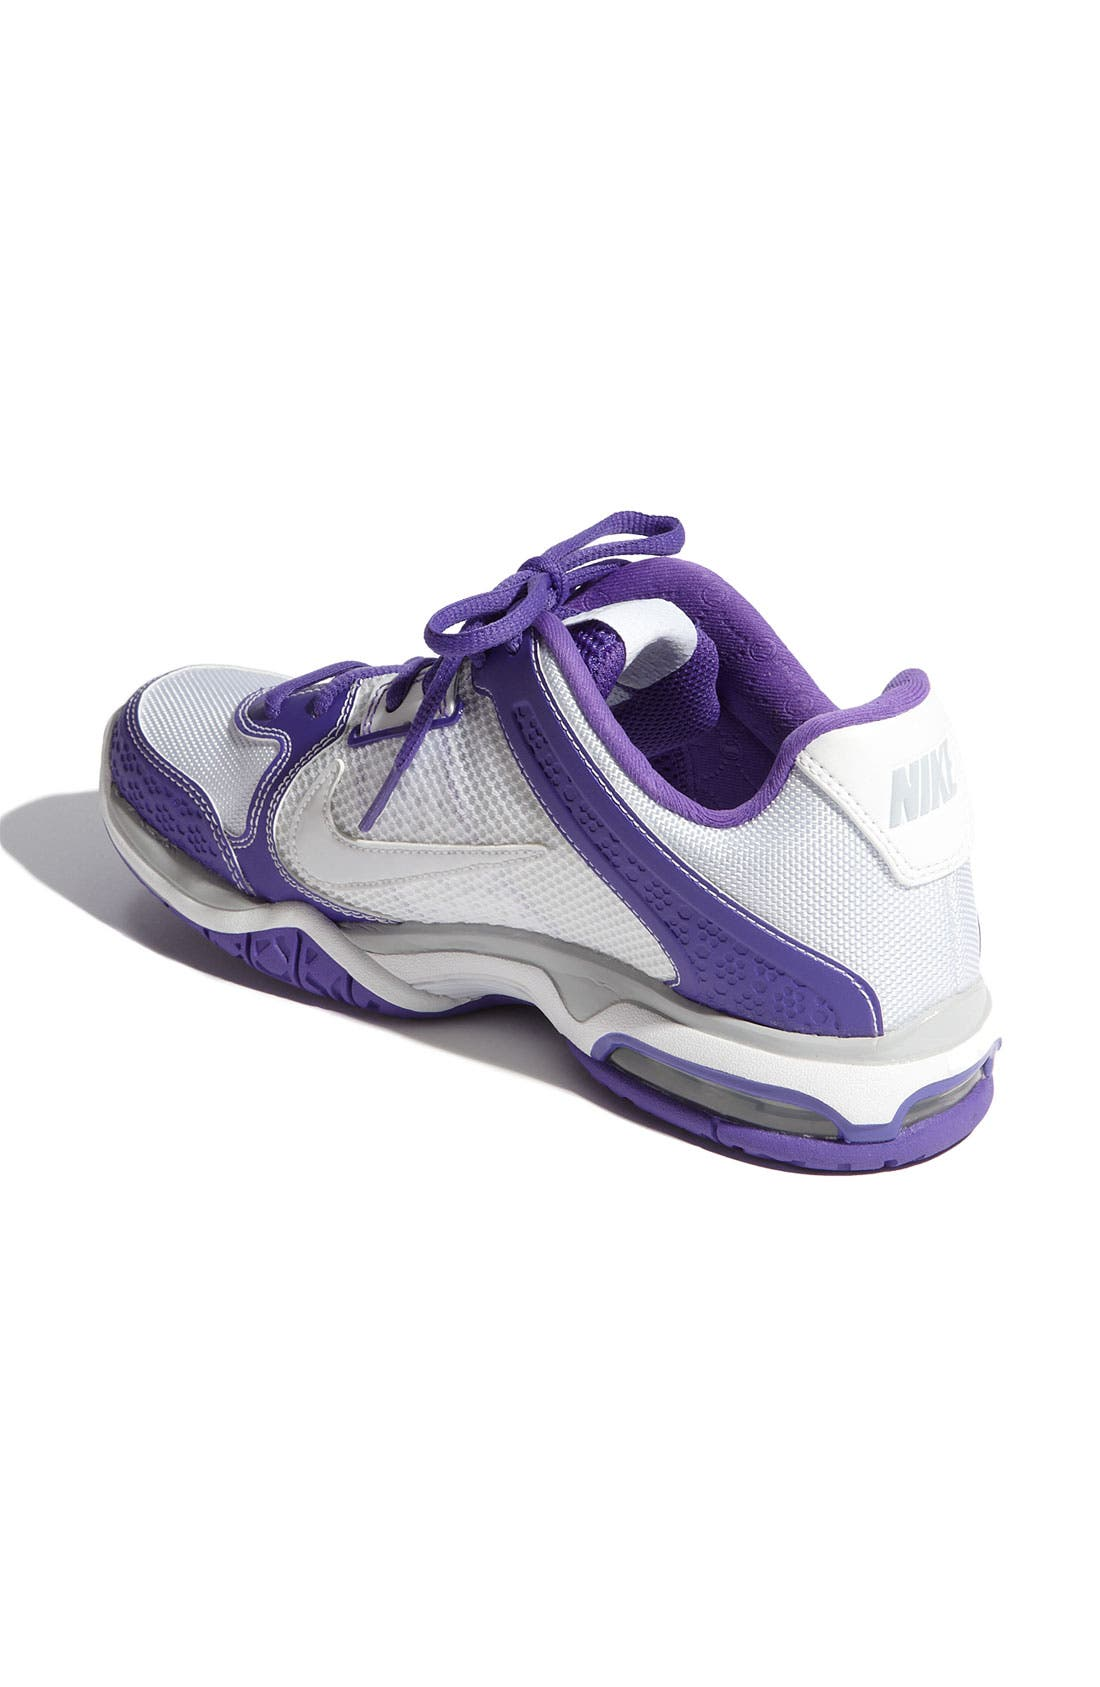 Alternate Image 2  - Nike 'Air Max Mirabella 3' Tennis Shoe (Women)